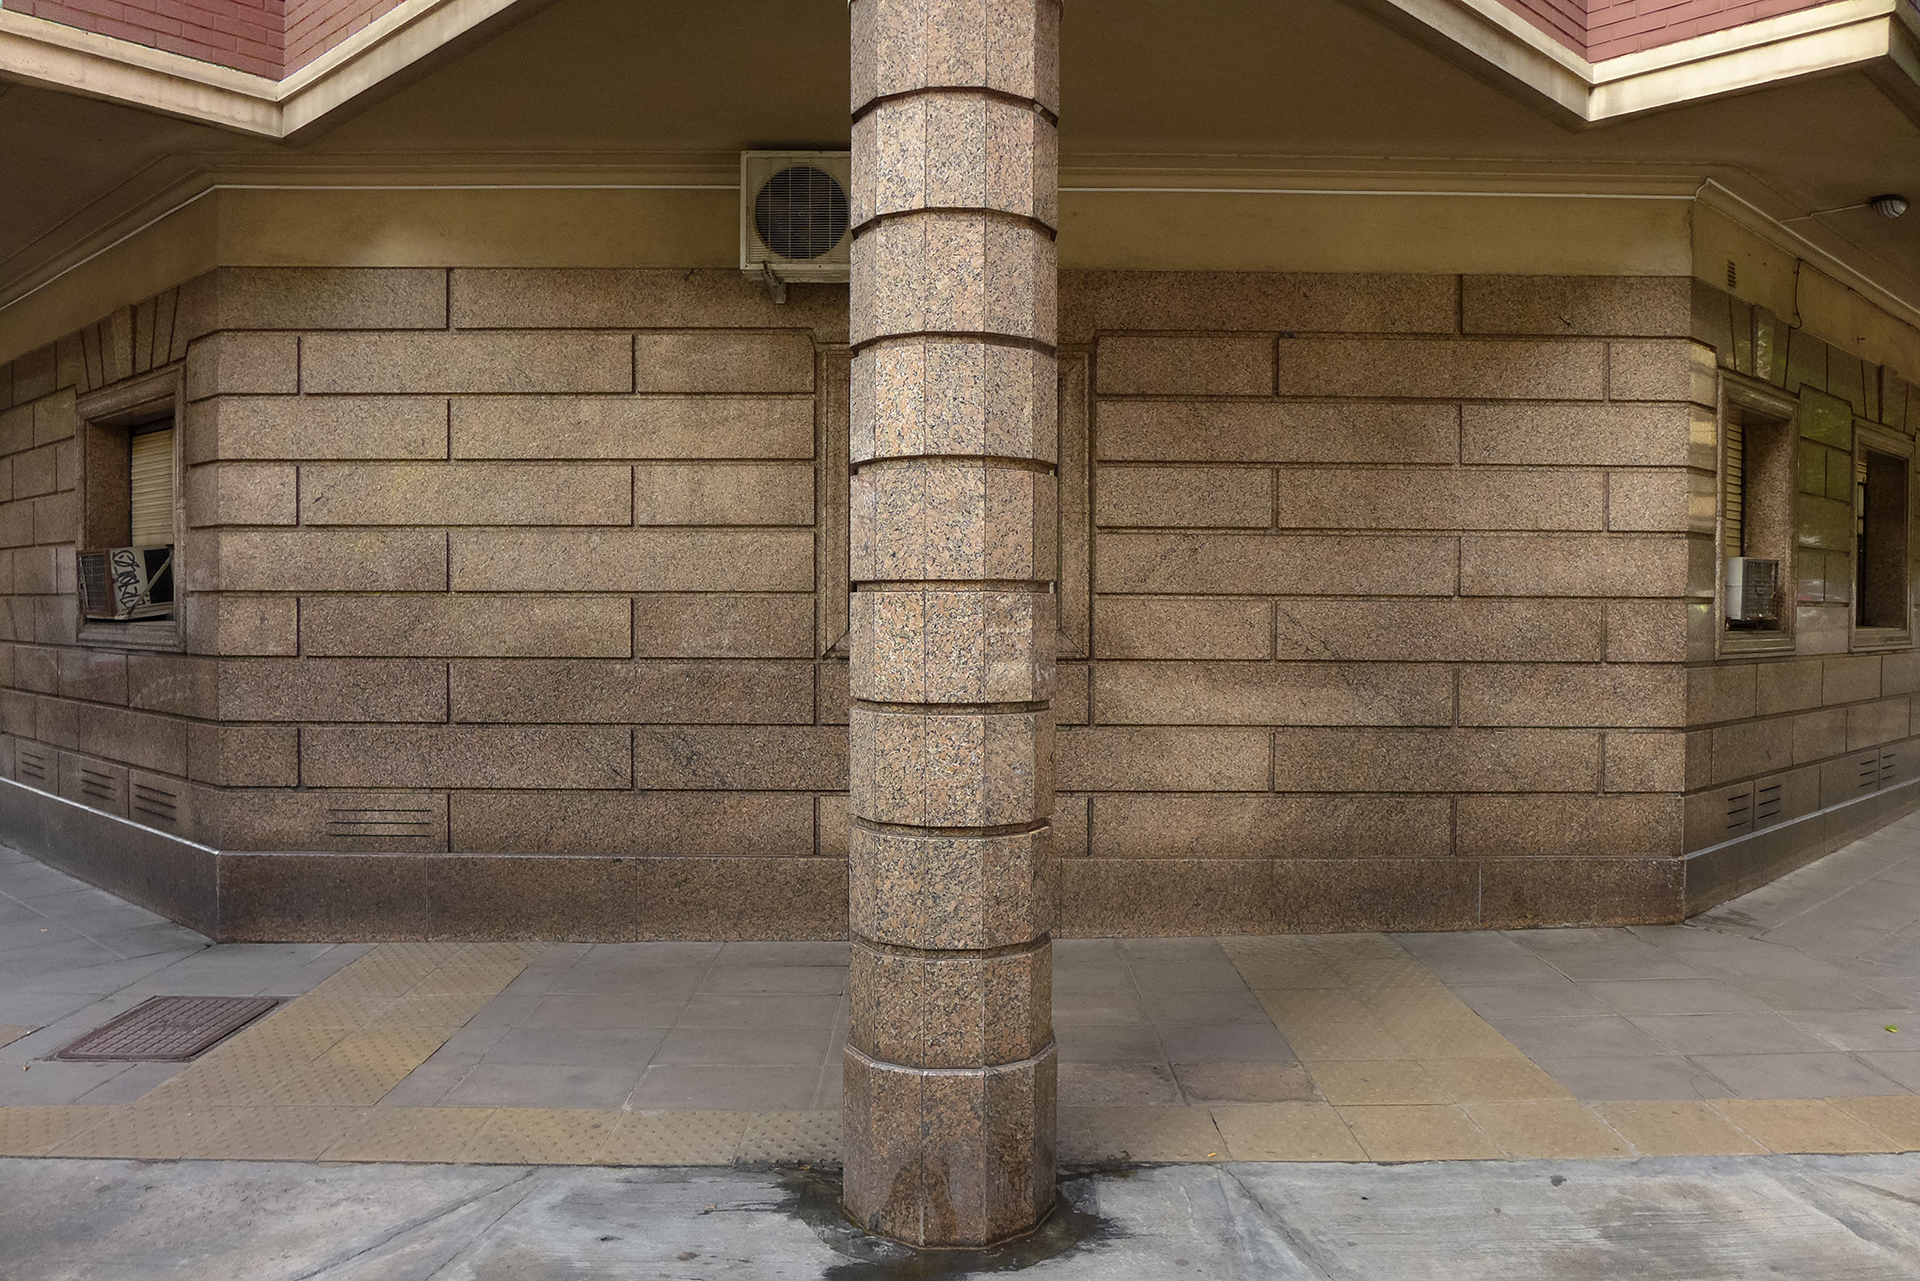 Ochava marmolada con columna (Recoleta, BA, 2018)Facundo de Zuviría